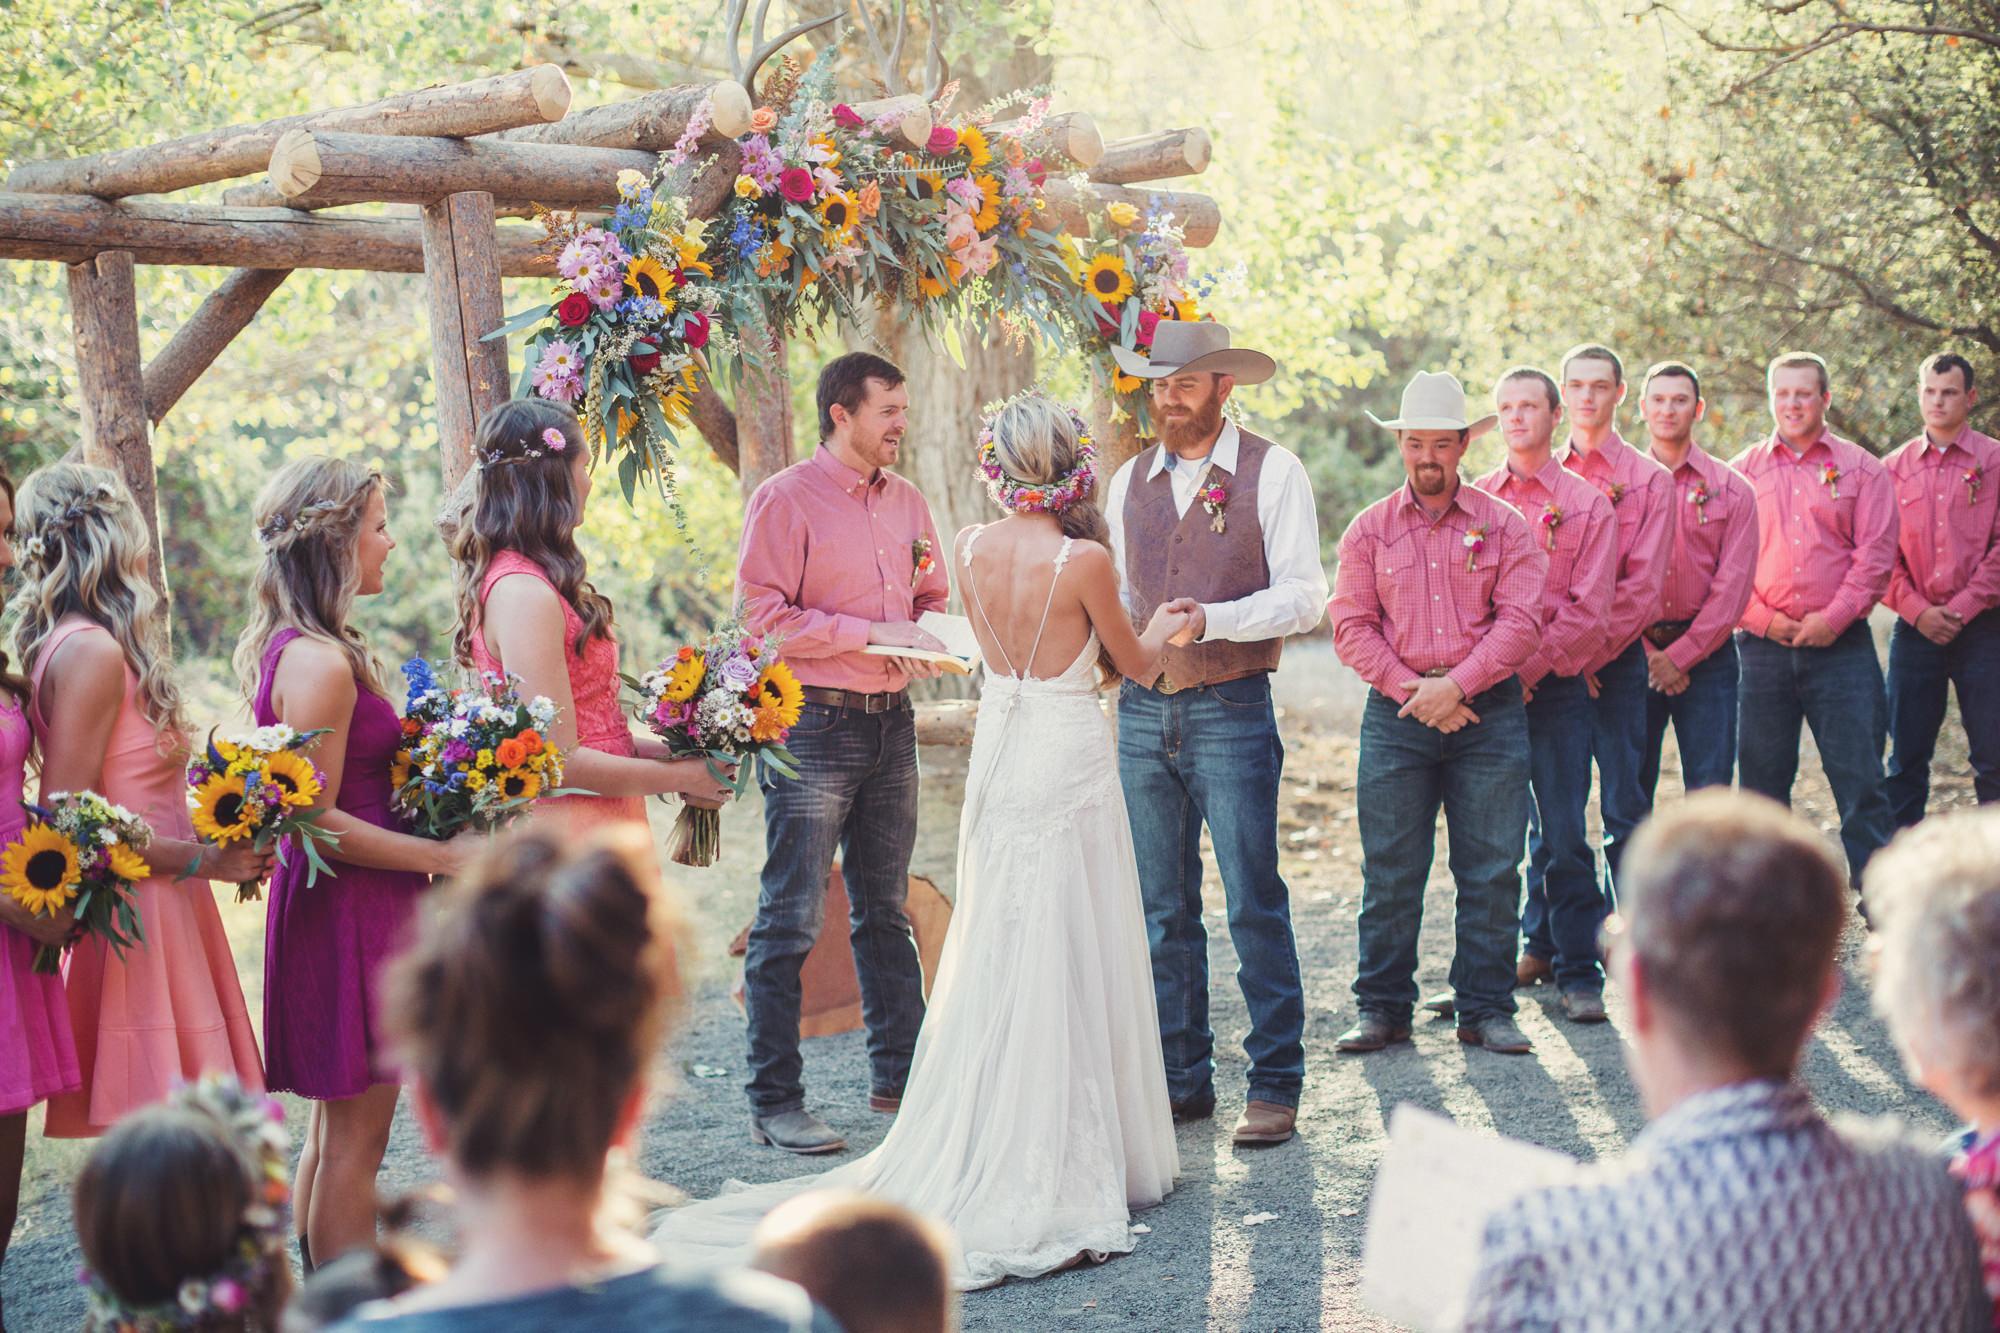 Rustic wedding in California ©Anne-Claire Brun 70